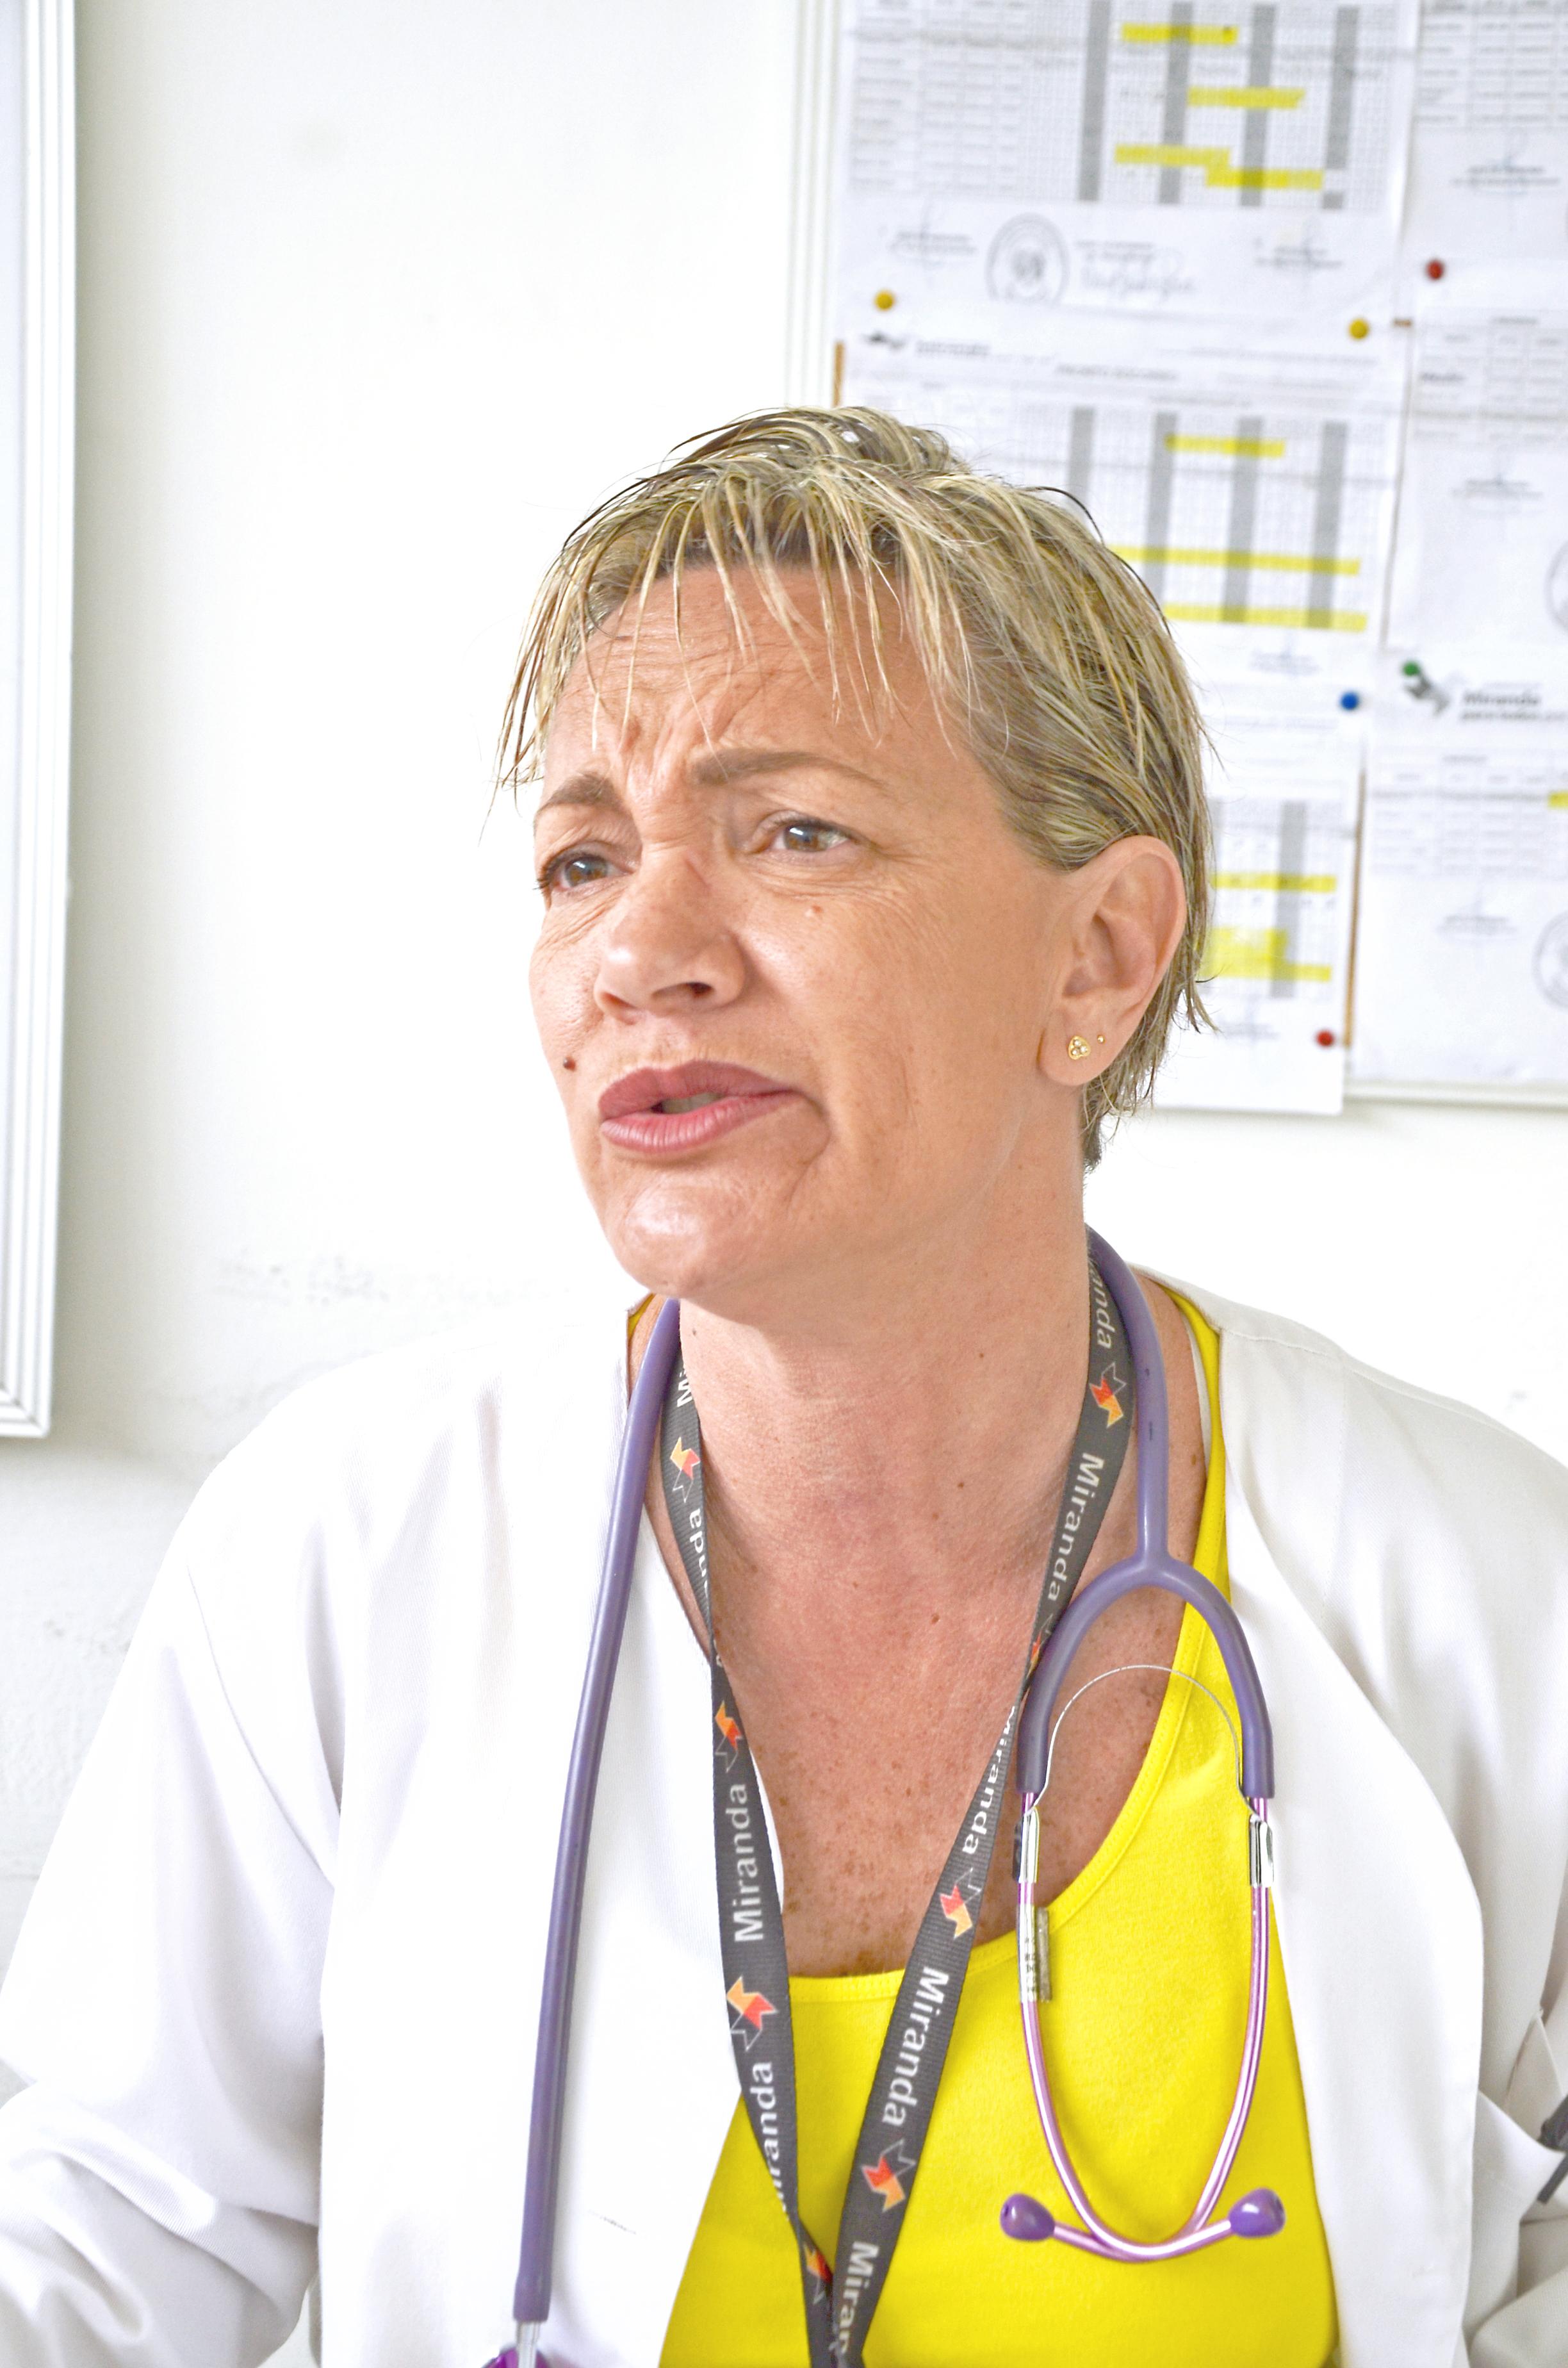 Repuntan síndromes diarreicos  y enfermedades de la piel